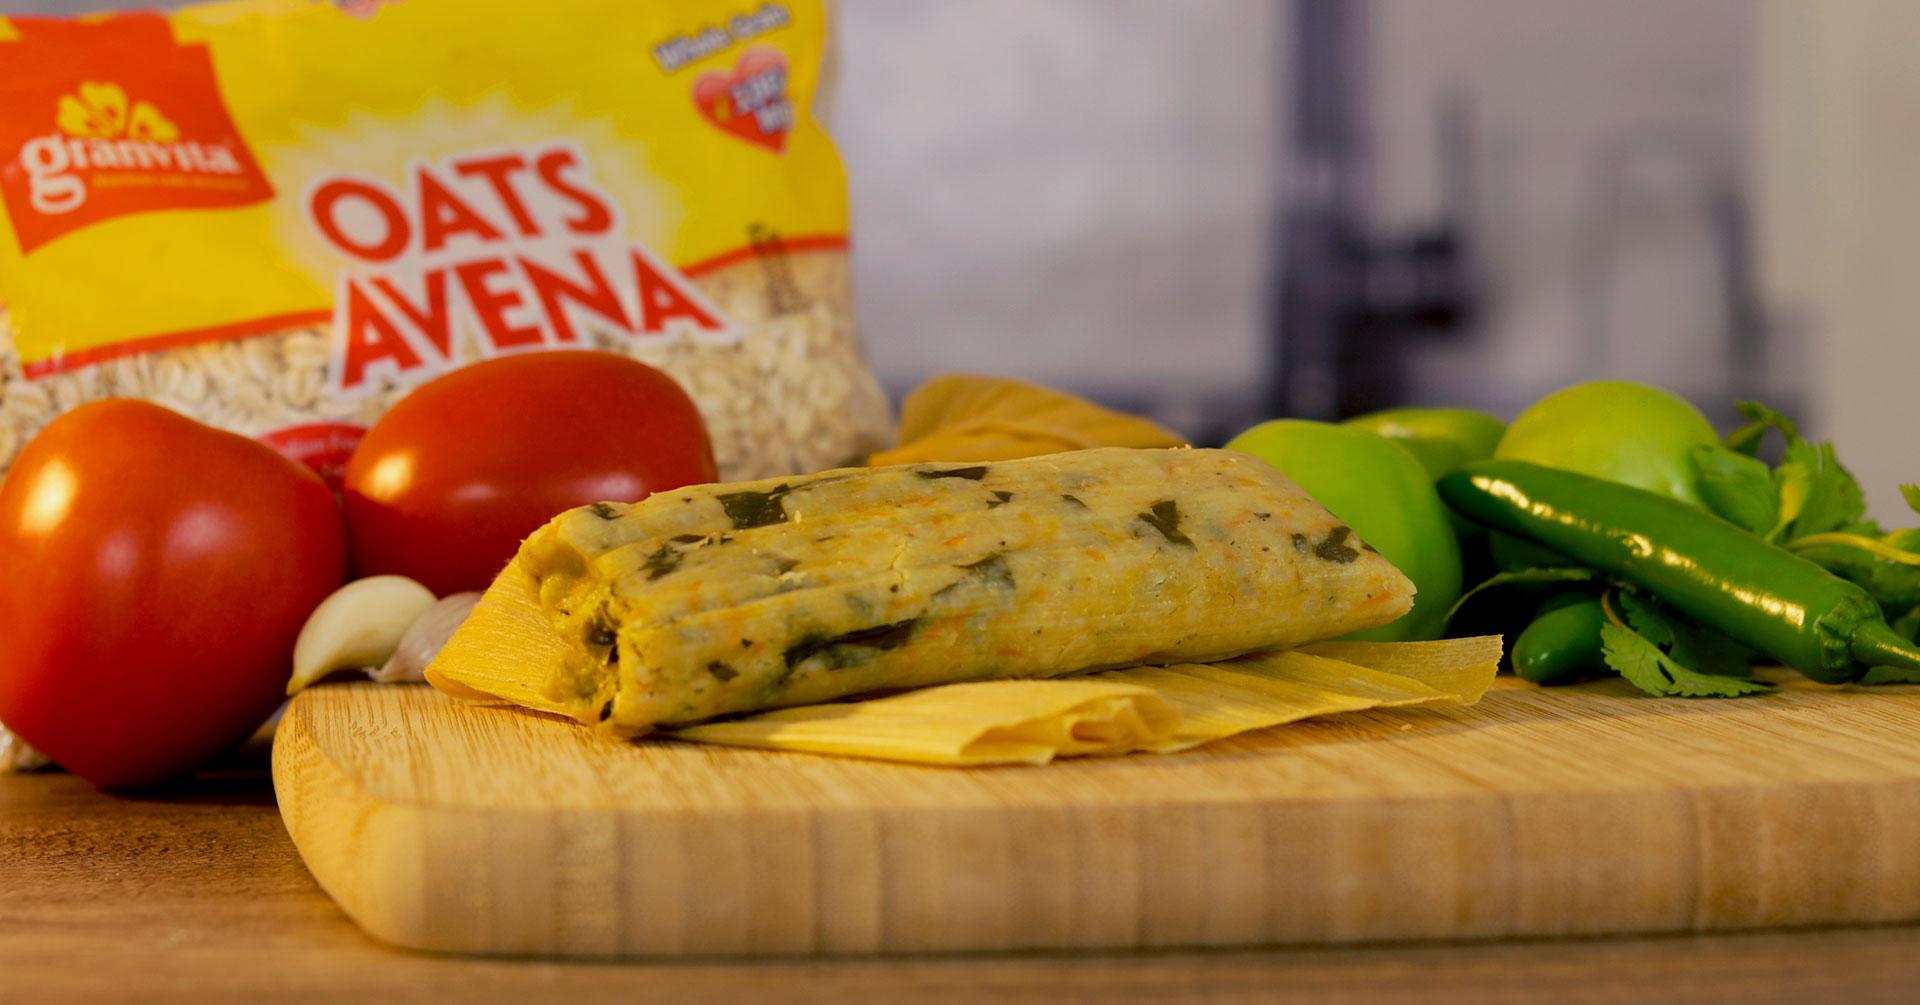 Tamales con avena y pollo para el Día de la Candelaria